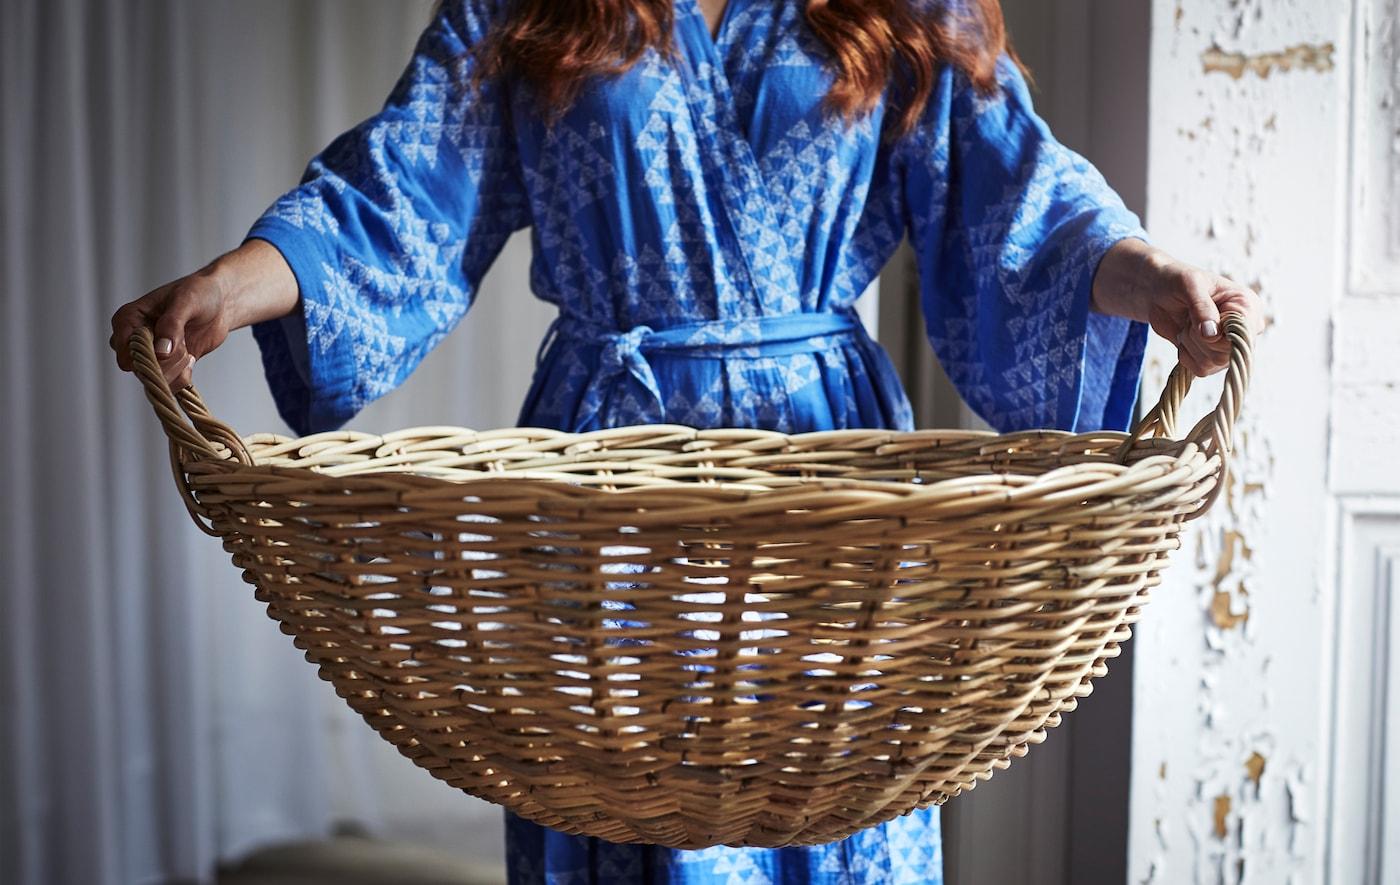 Uma pessoa vestida com um kimono azul com padrão segura num grande cesto em rota redondo.